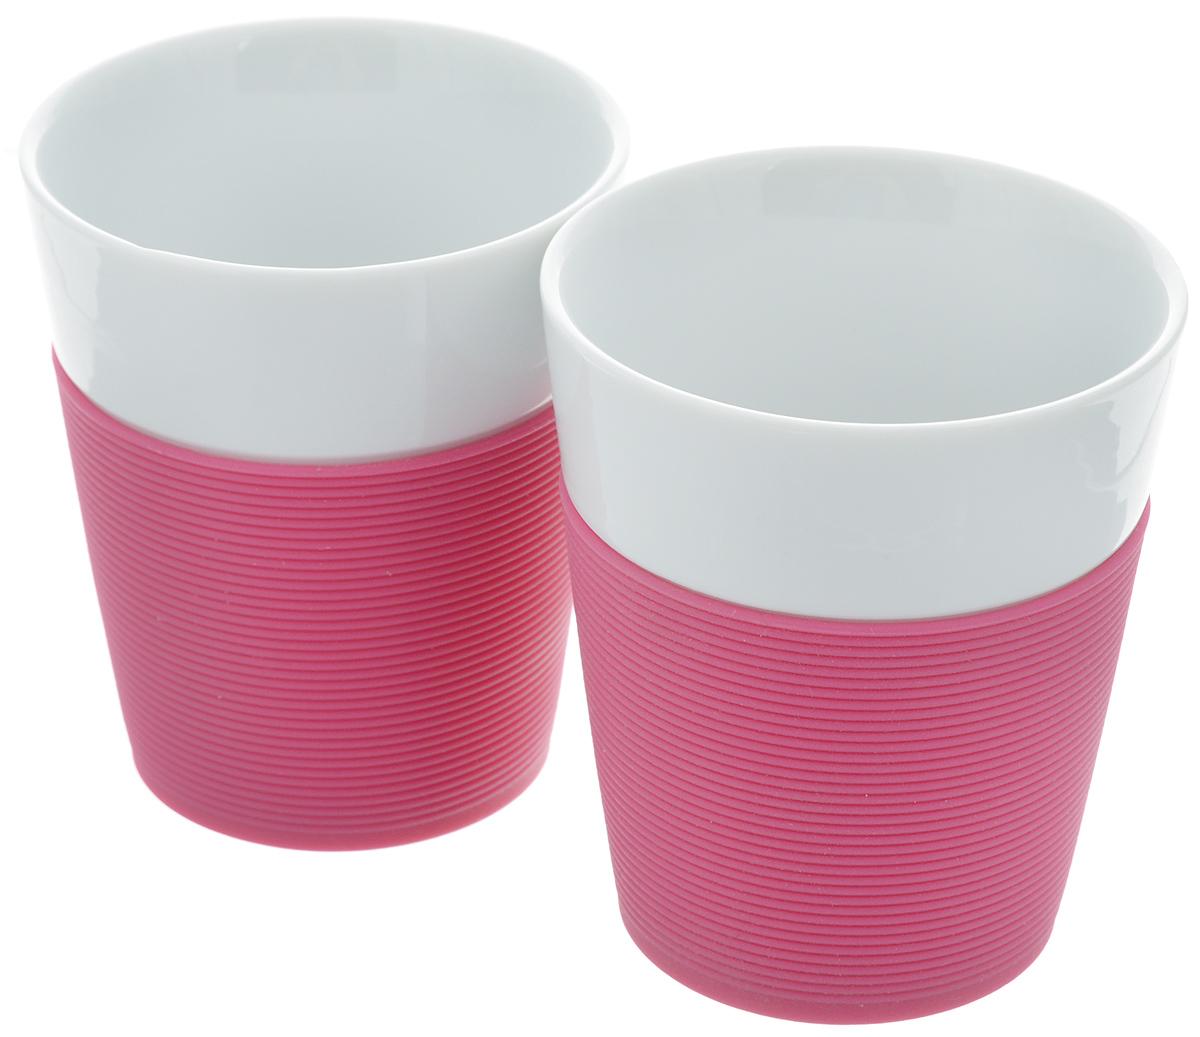 Набор стаканов Bodum Bistro, 0,3 л, 2 штA11582-634-Y15Набор стаканов Bodum Bistro состоит из 2 фарфоровых стаканов высокого качества. Изделия обернуты яркой силиконовой лентой, которая защищает вашу руку от чрезмерно высокой температуры напитка. Такие стаканы приятны на ощупь и позволяют удобно держать стакан в руках. Благодаря двойным стенкам, напиток в такой кружке остается горячим гораздо дольше. Такой набор порадует вас и ваших близких своим ярким дизайном и удивит своим качеством. Диаметр стакана (по верхнему краю): 8,5 см. Высота стенки: 10 см. Диаметр основания: 6 см.